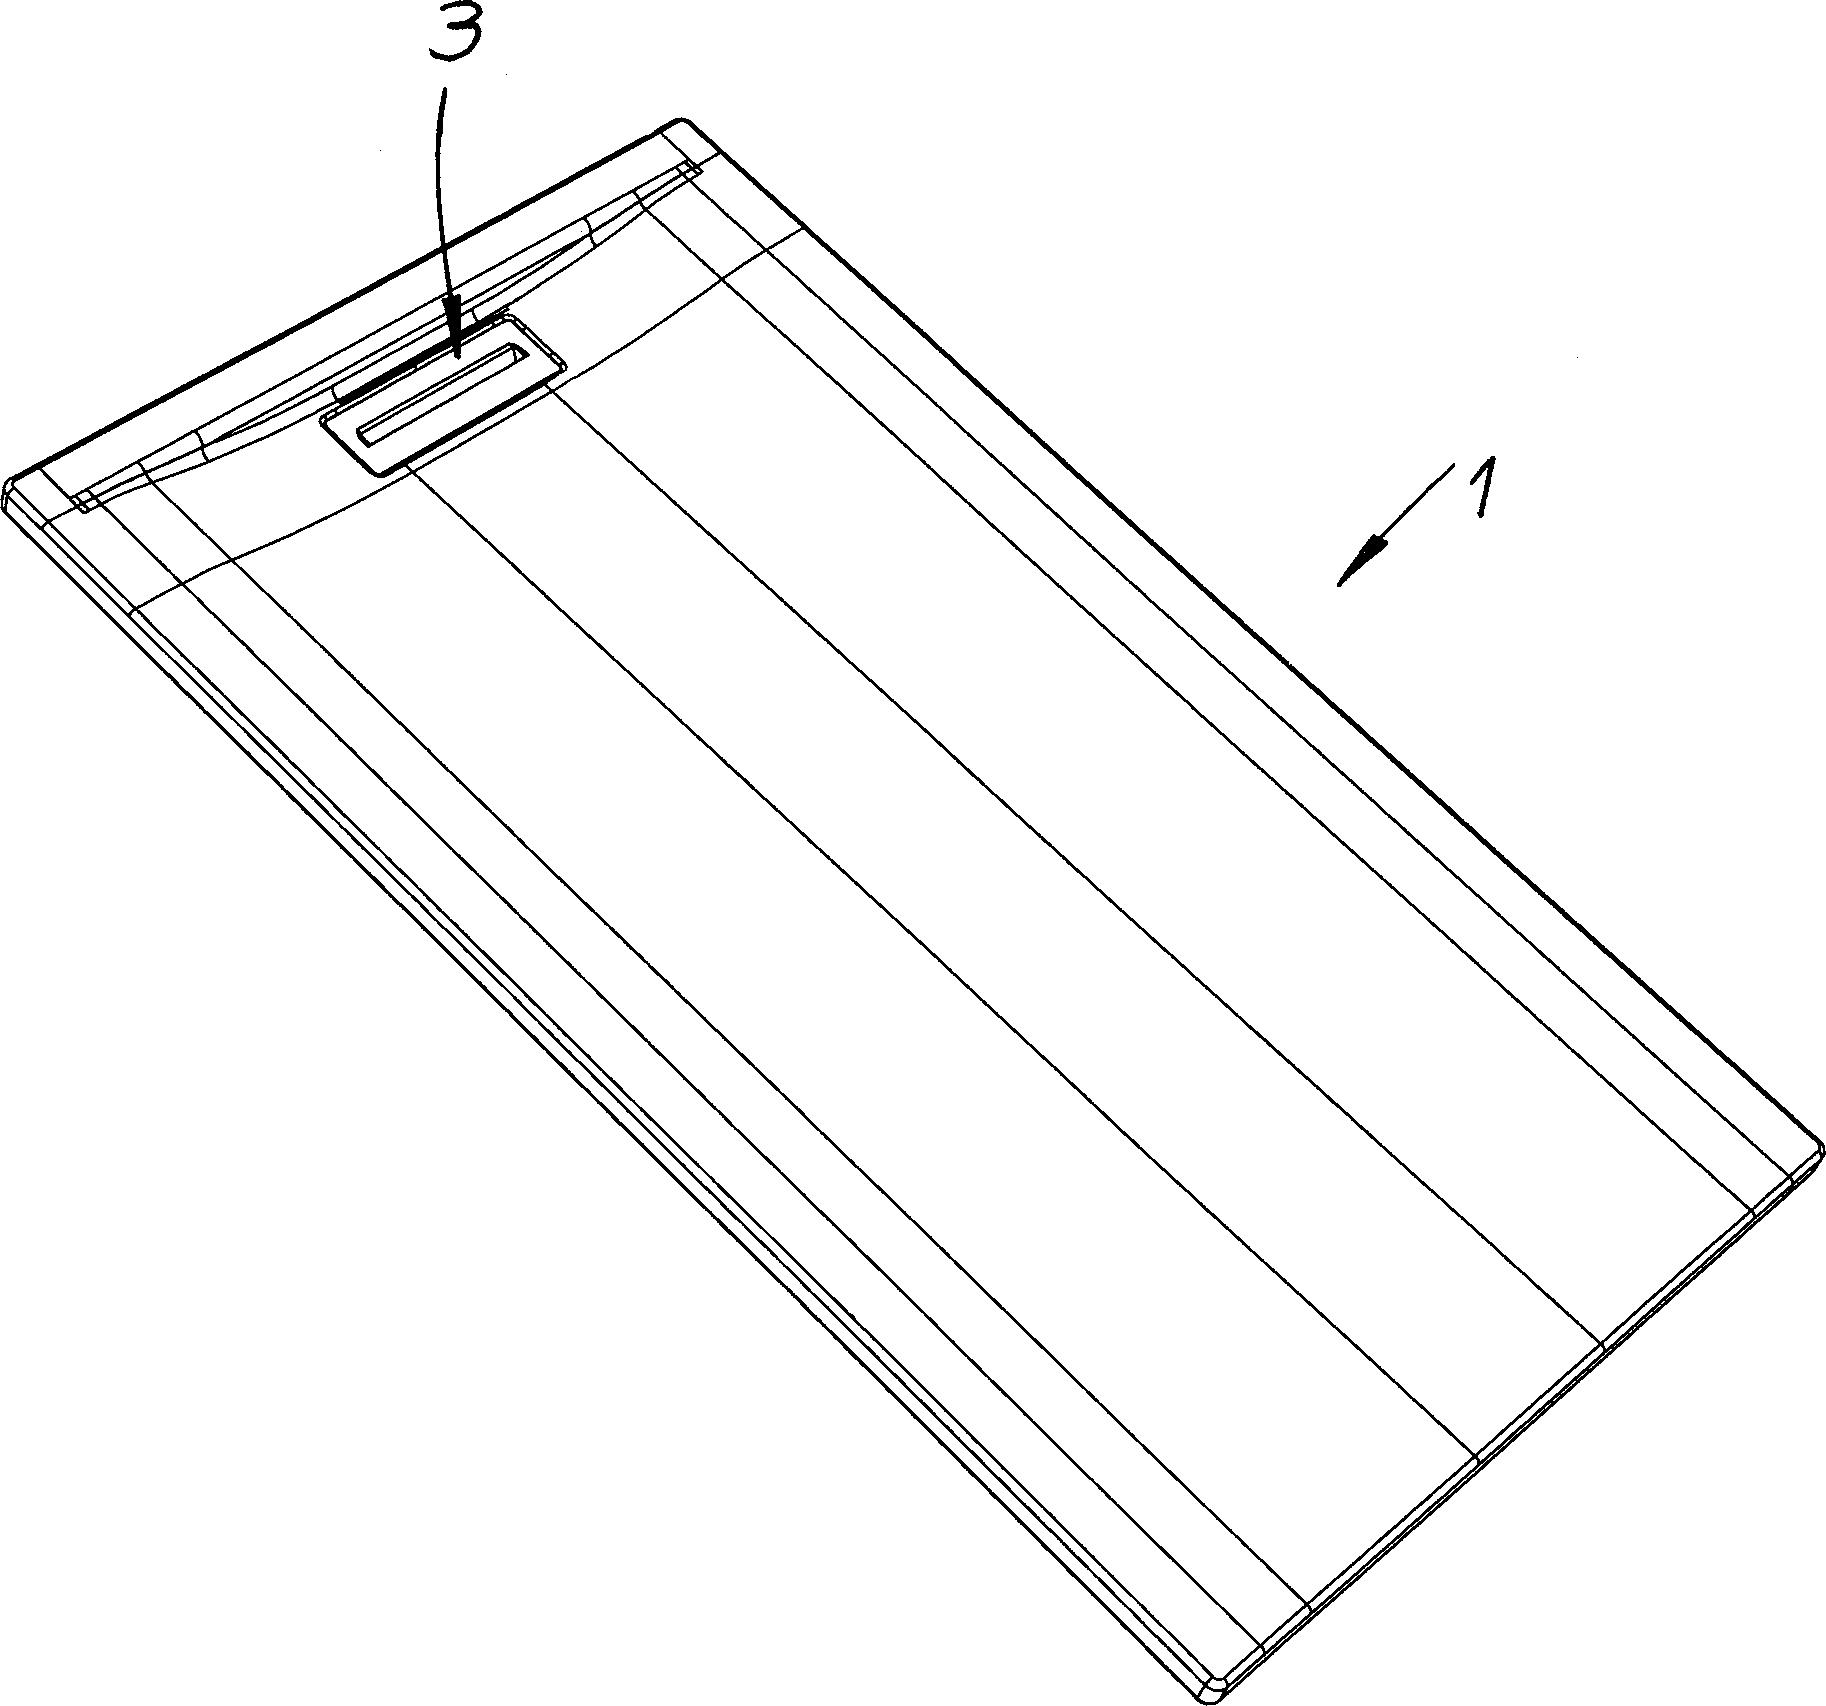 Figure DE202015101073U1_0001